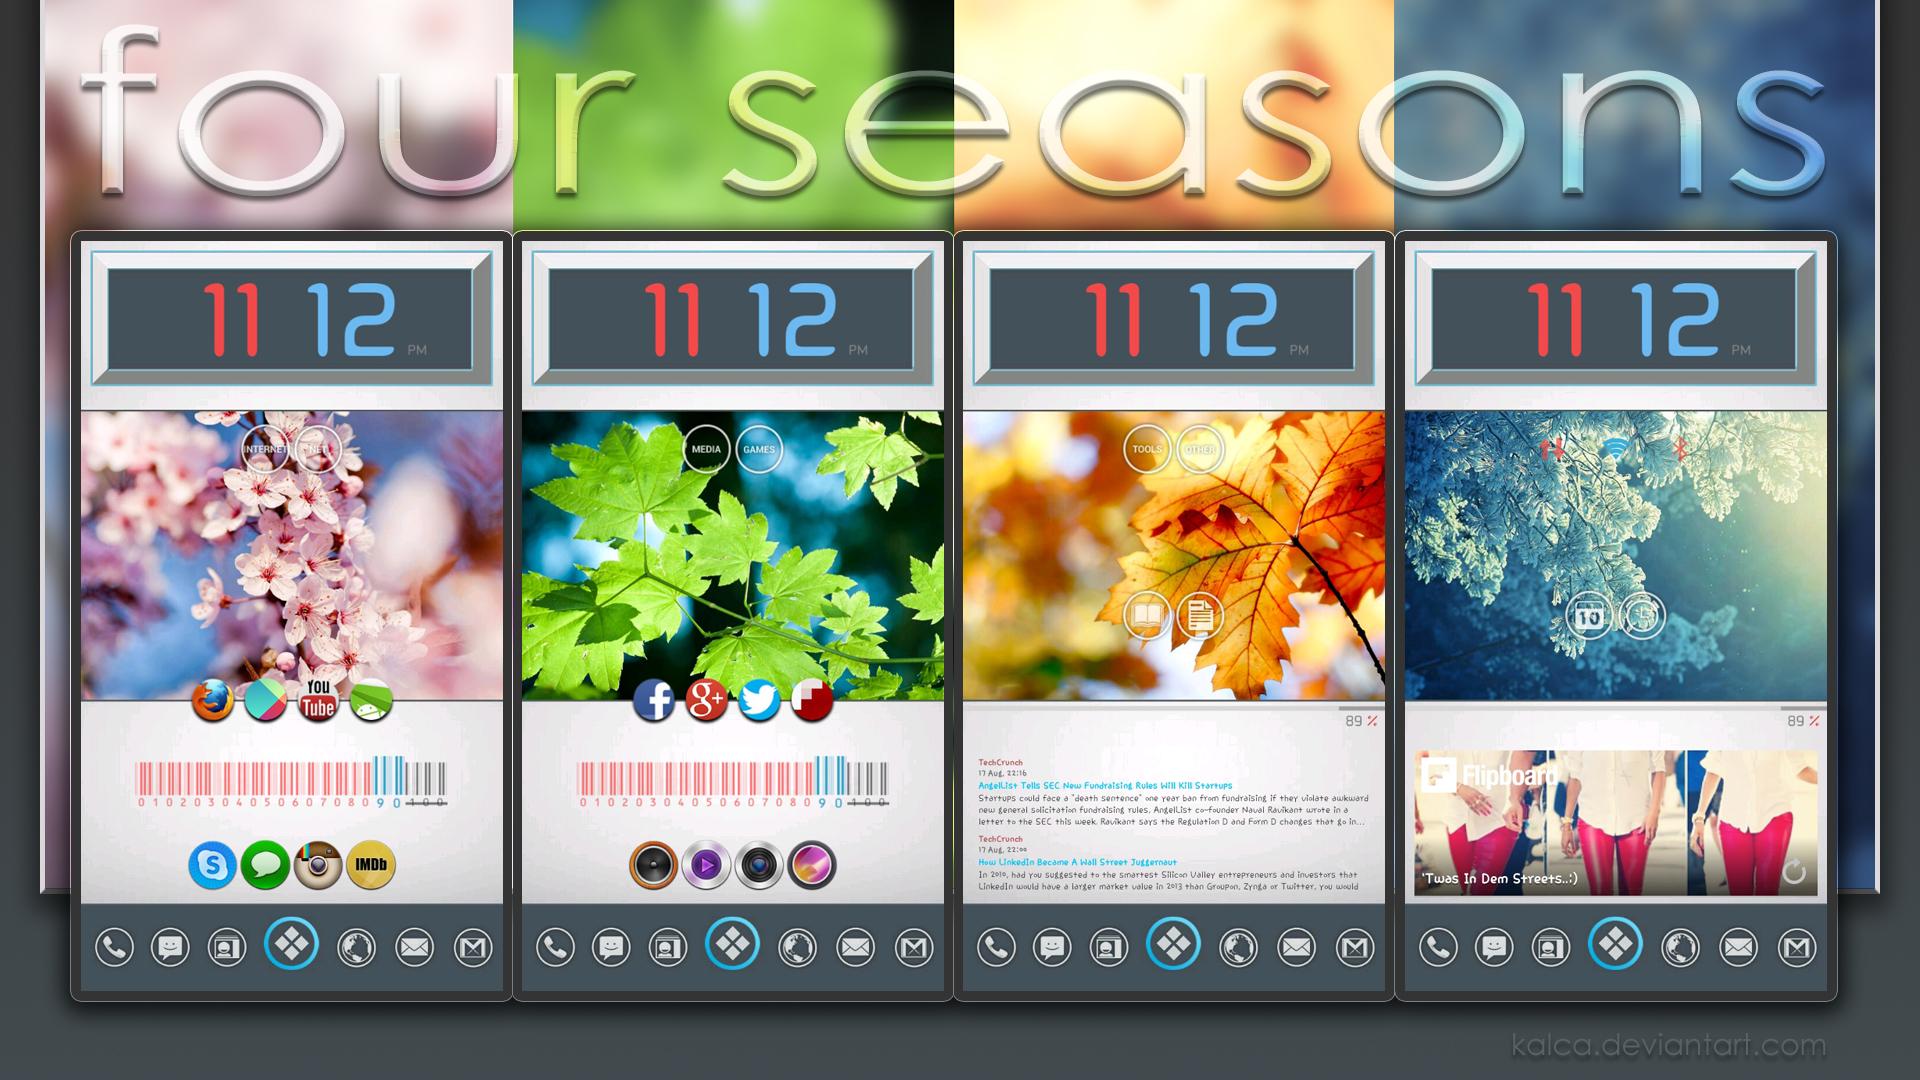 Four Seasons Android Theme By Kalca On Deviantart